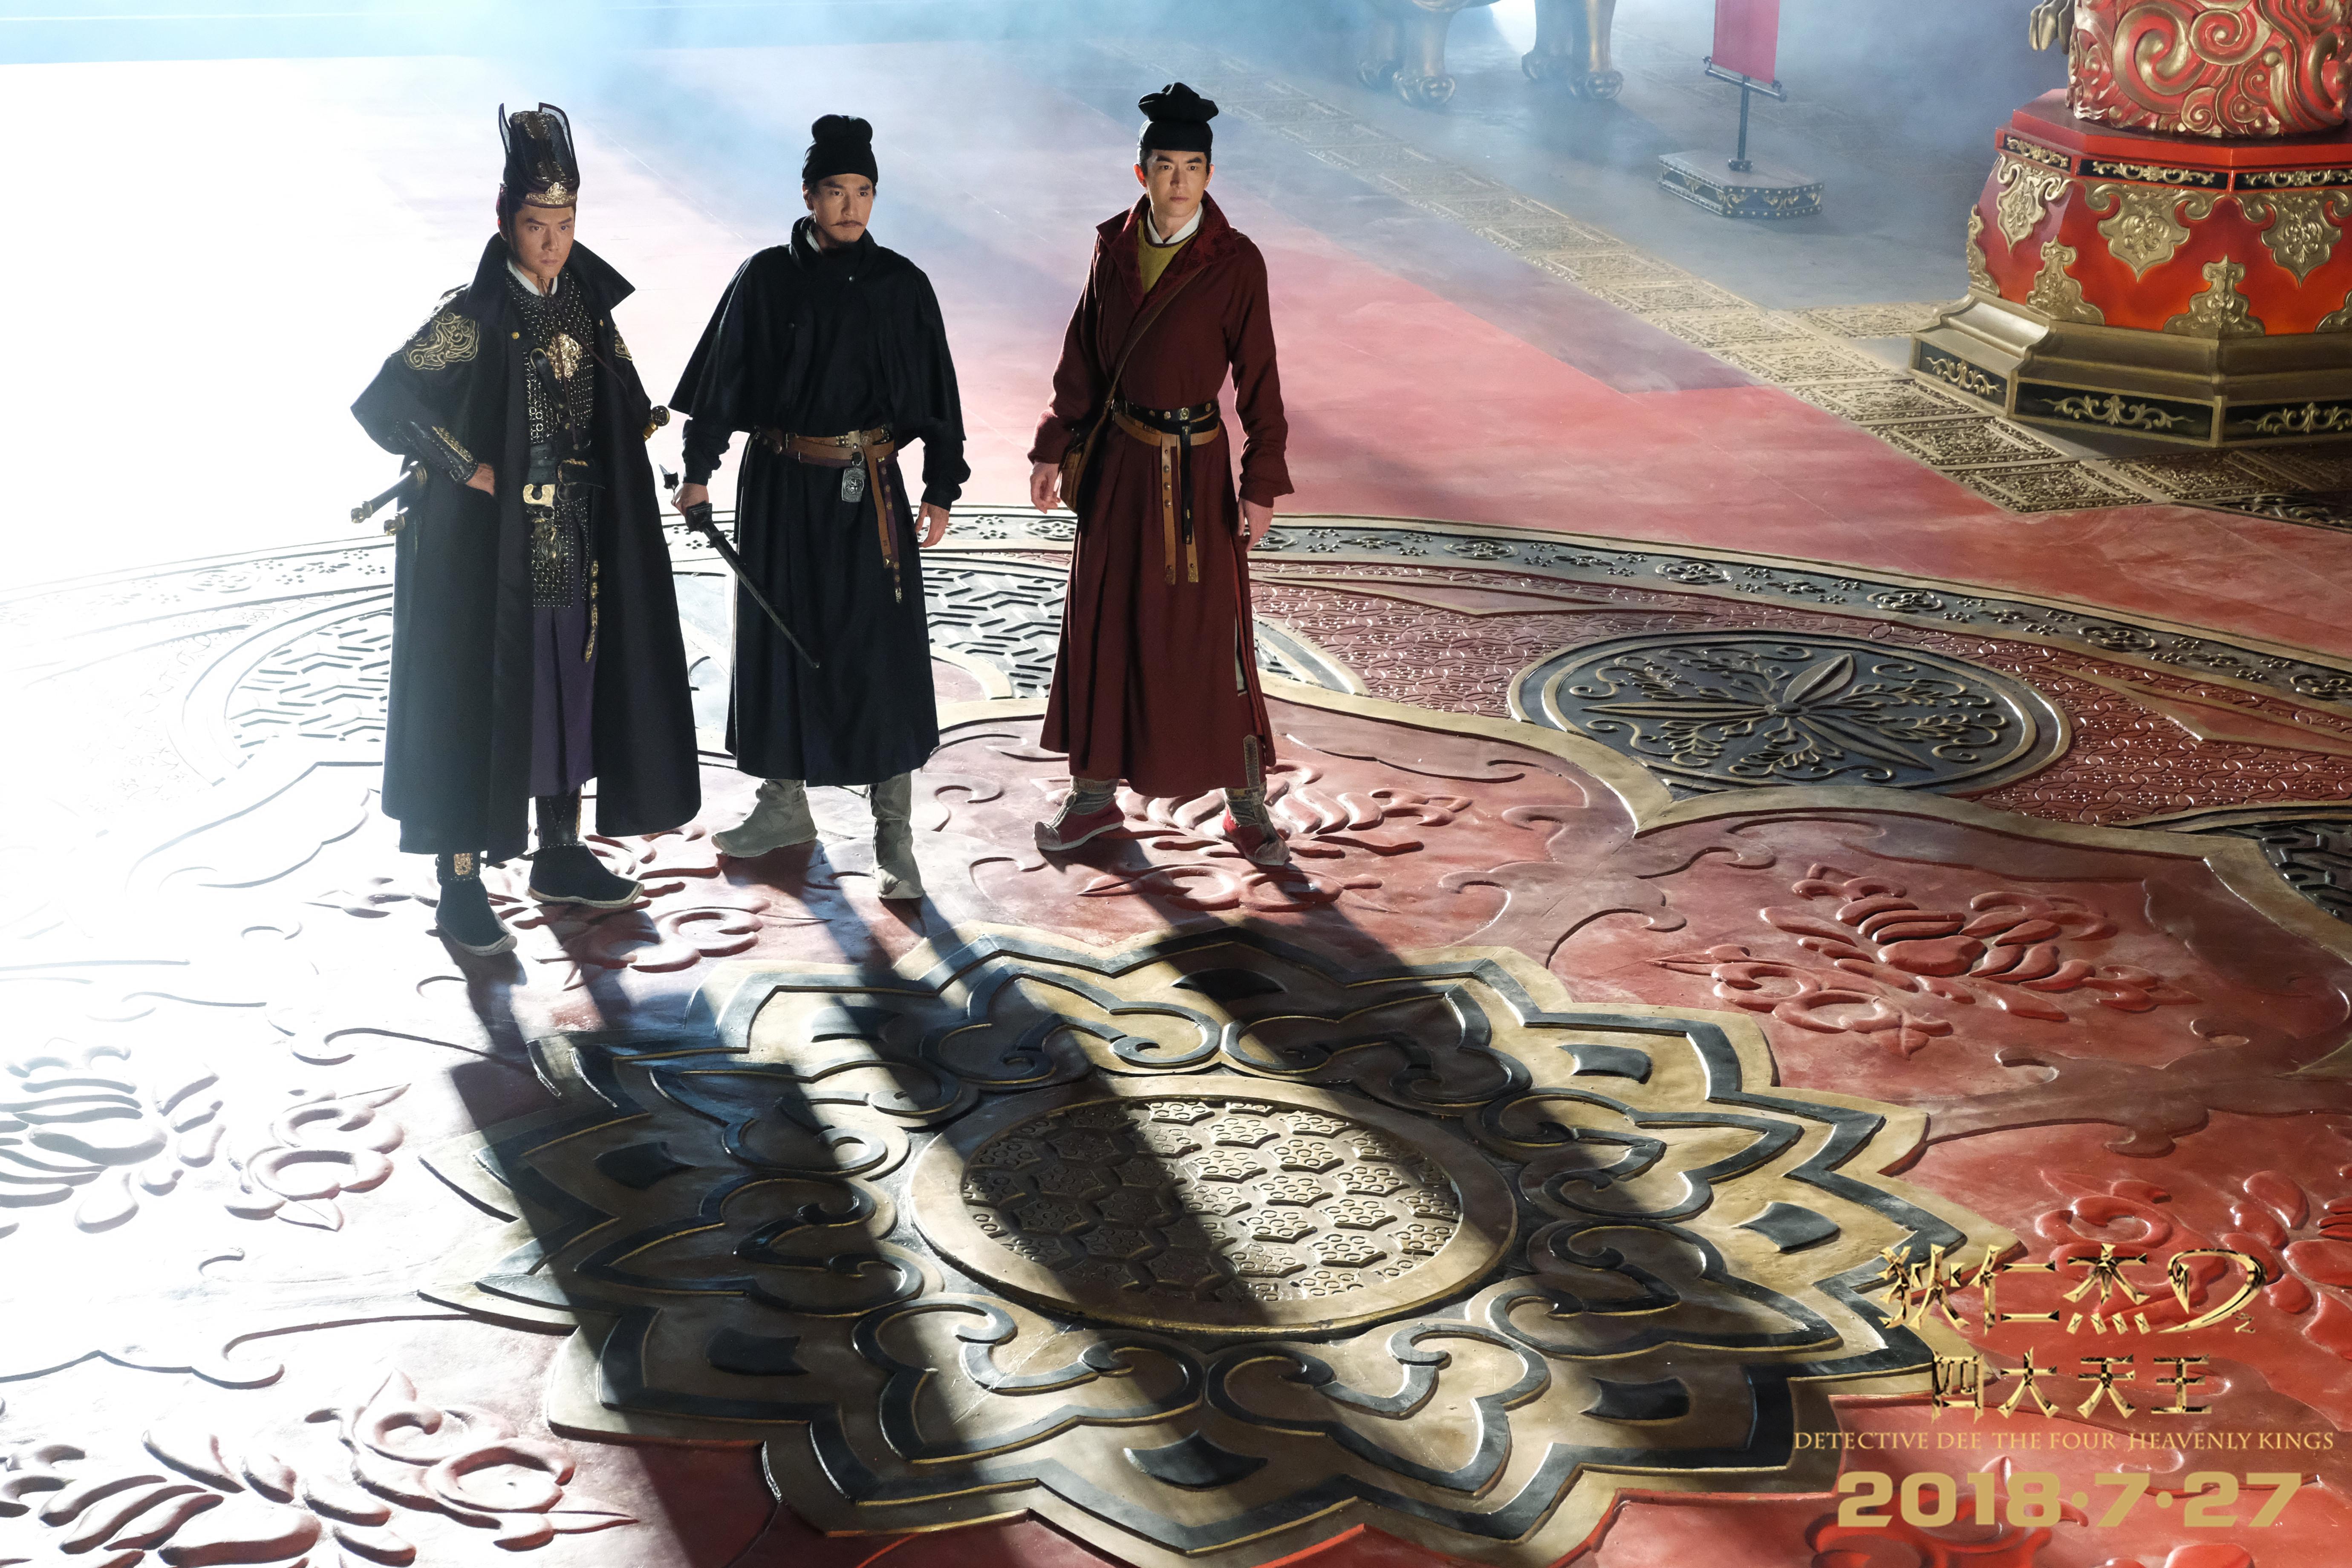 《狄仁杰之四大天王》制作揭秘,仅两场戏的皇宫耗资数百万的照片 - 12